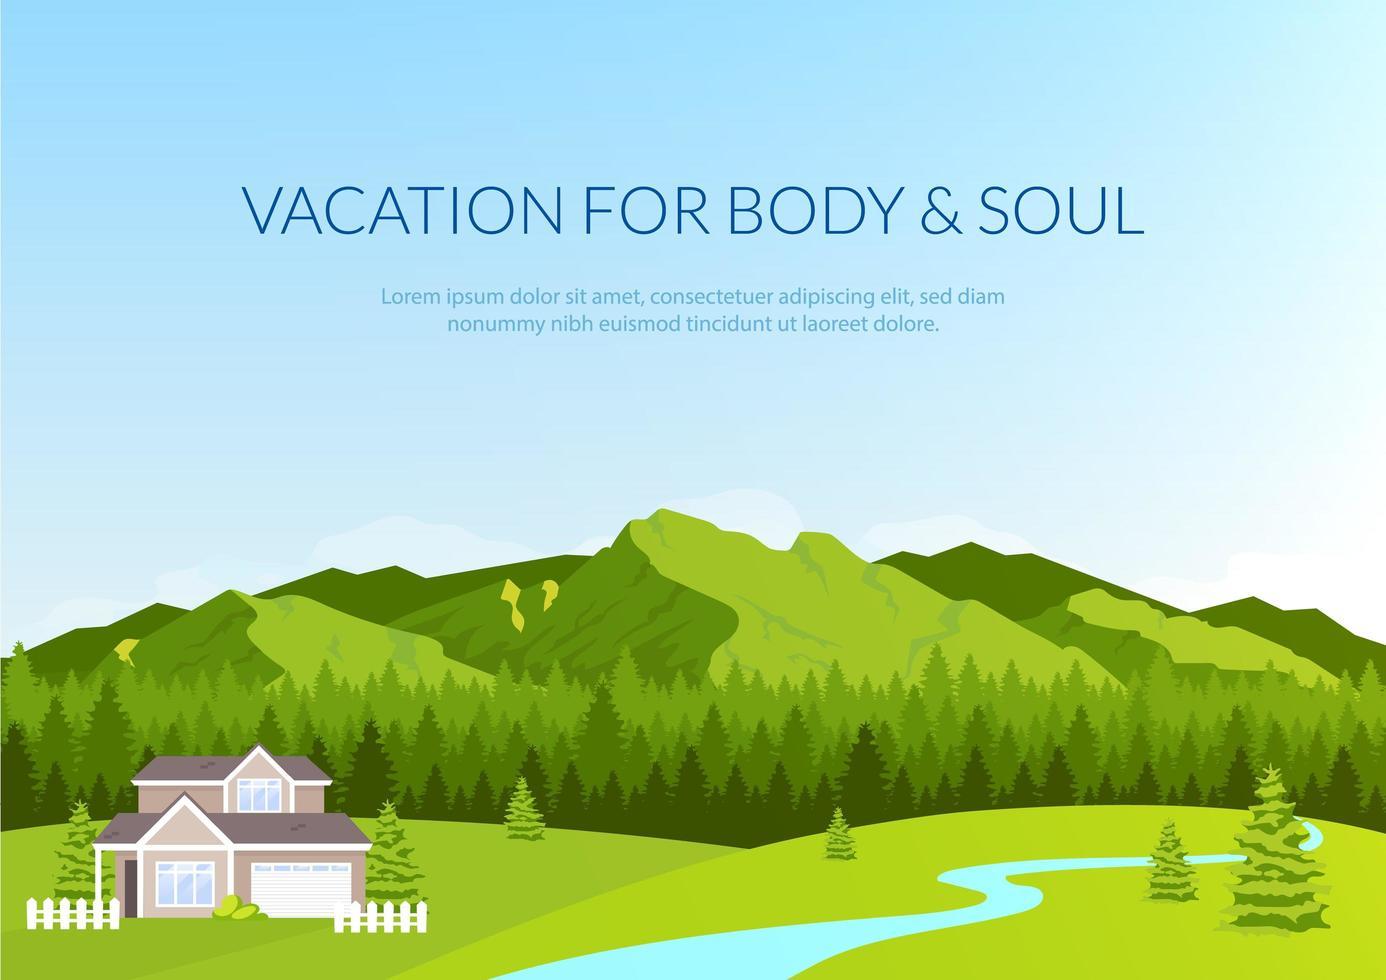 vakantie voor lichaam en ziel banner vector